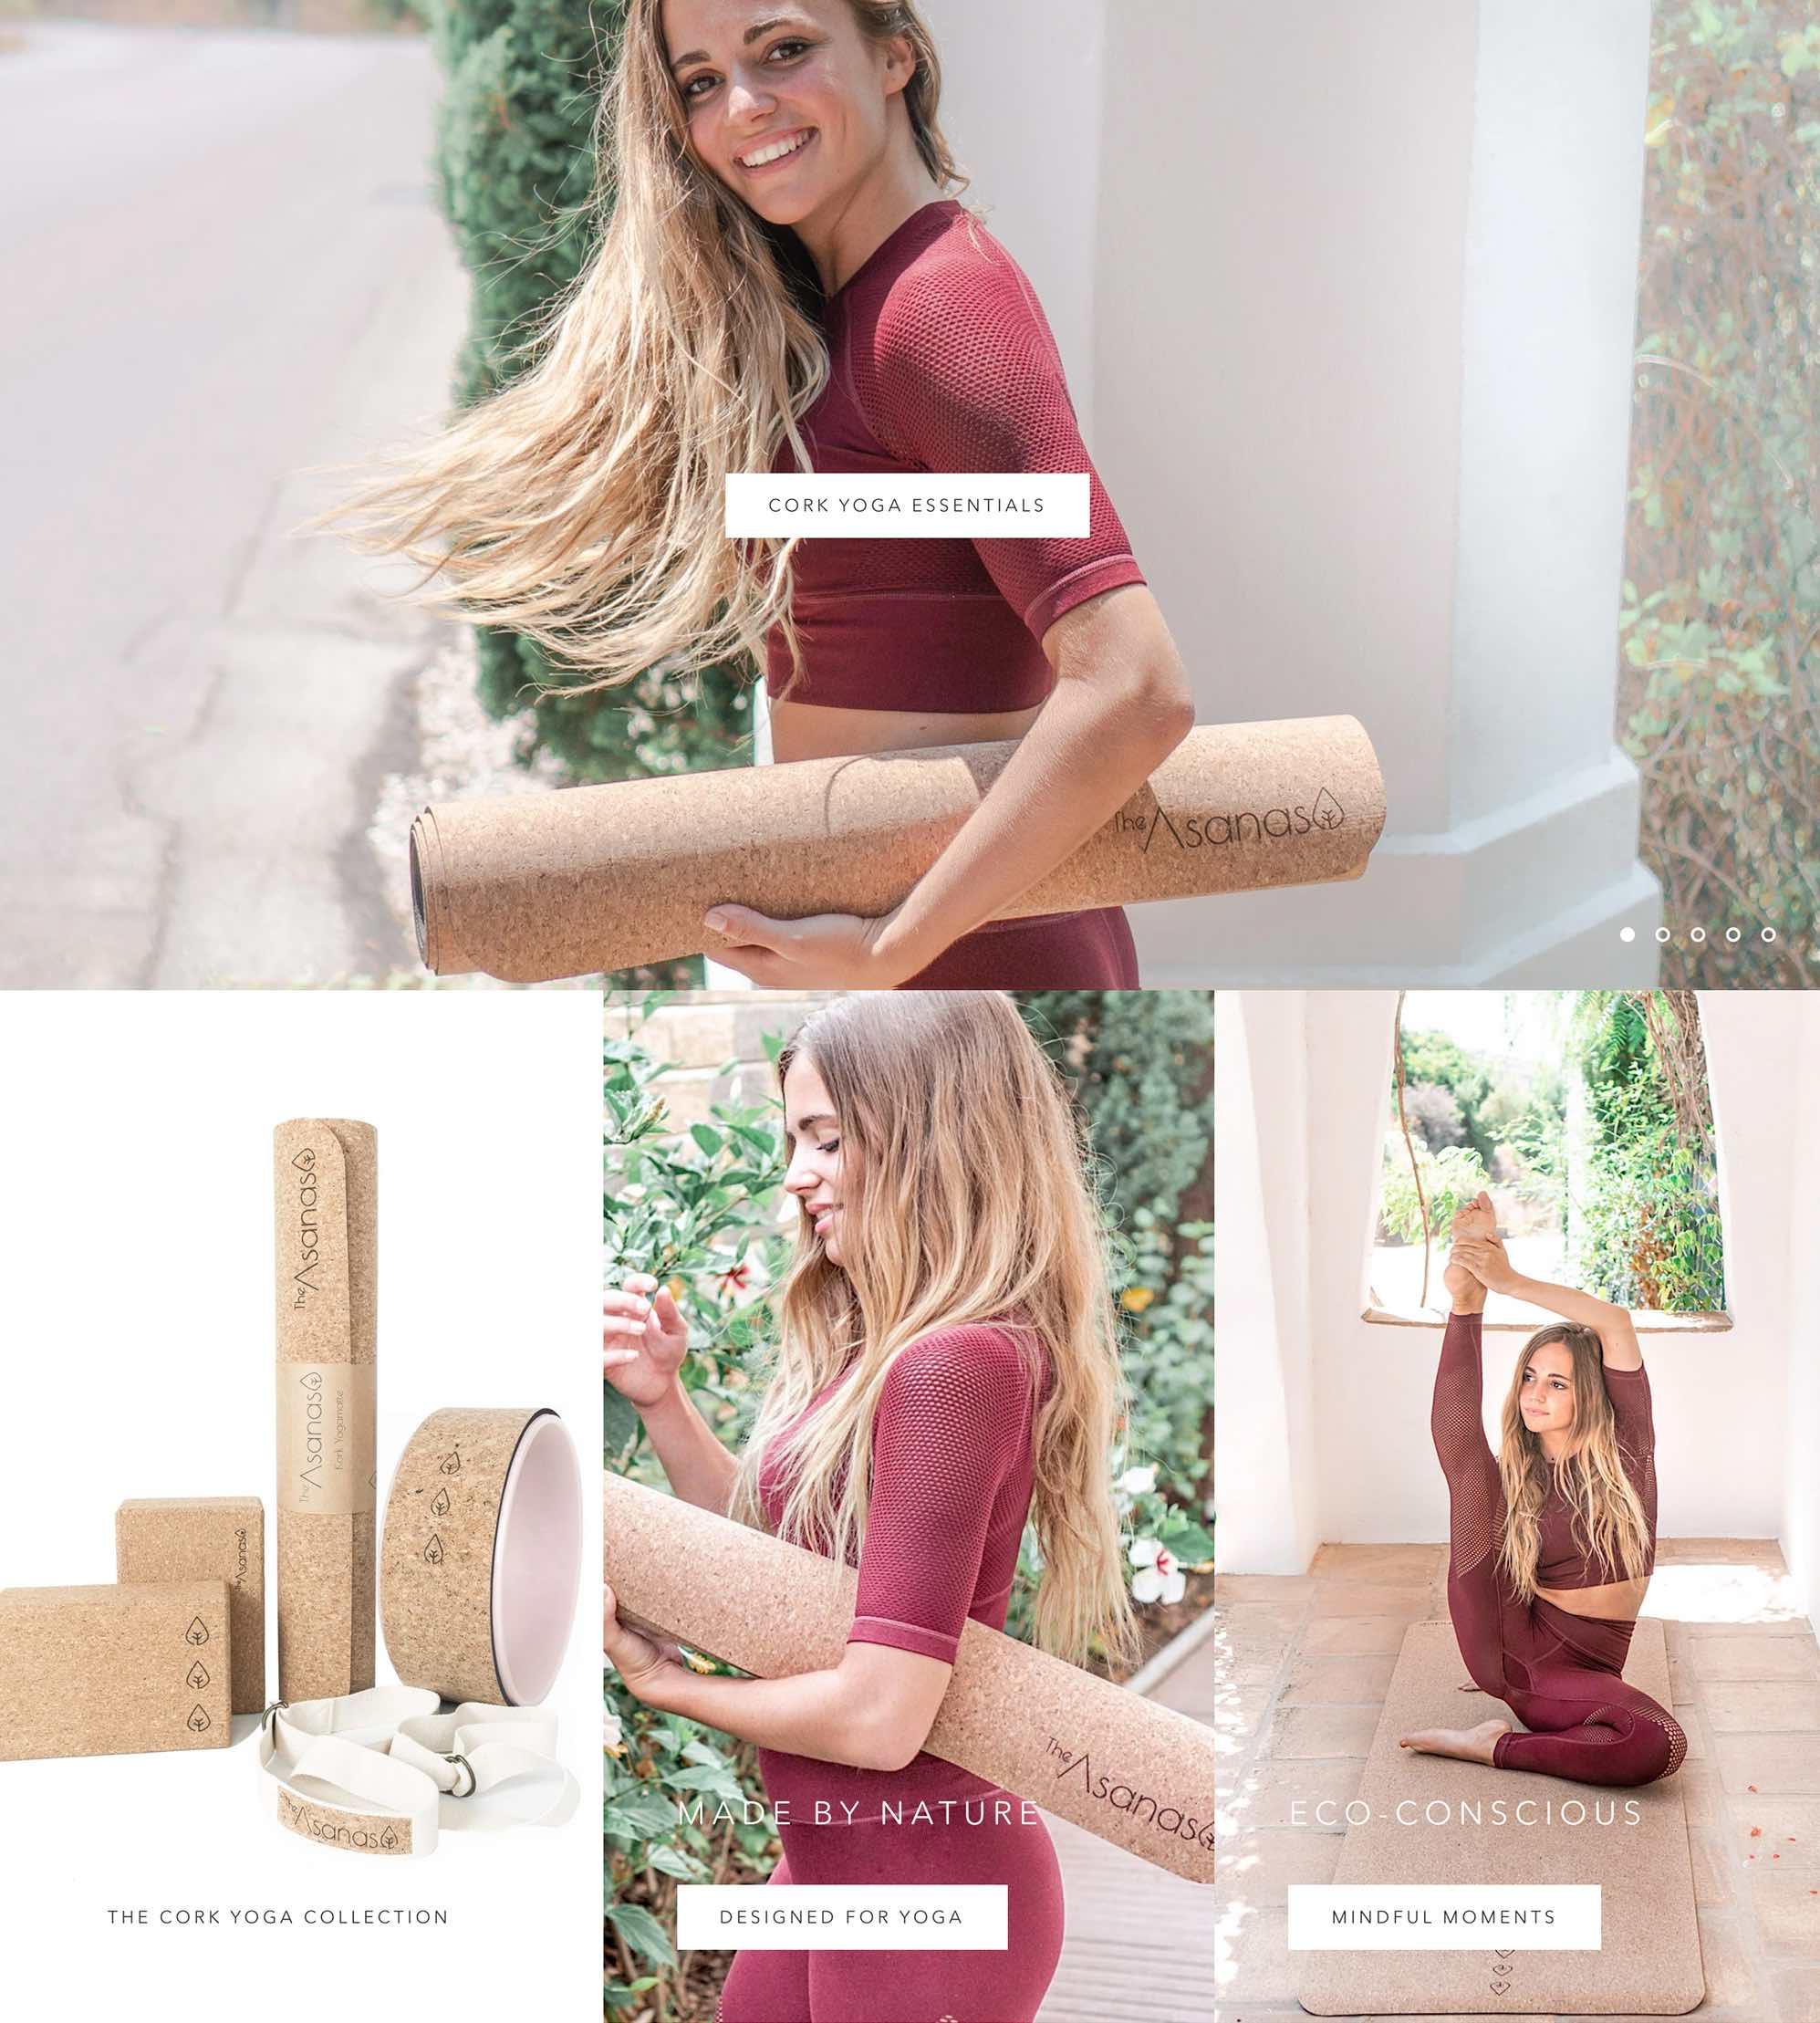 yogautstyr norsk nettbutikk fri frakt kork yogamatte kork yogablokk yogahjul meditasjonspute yogabolster bærestropp yoga produkter bolser. meditering